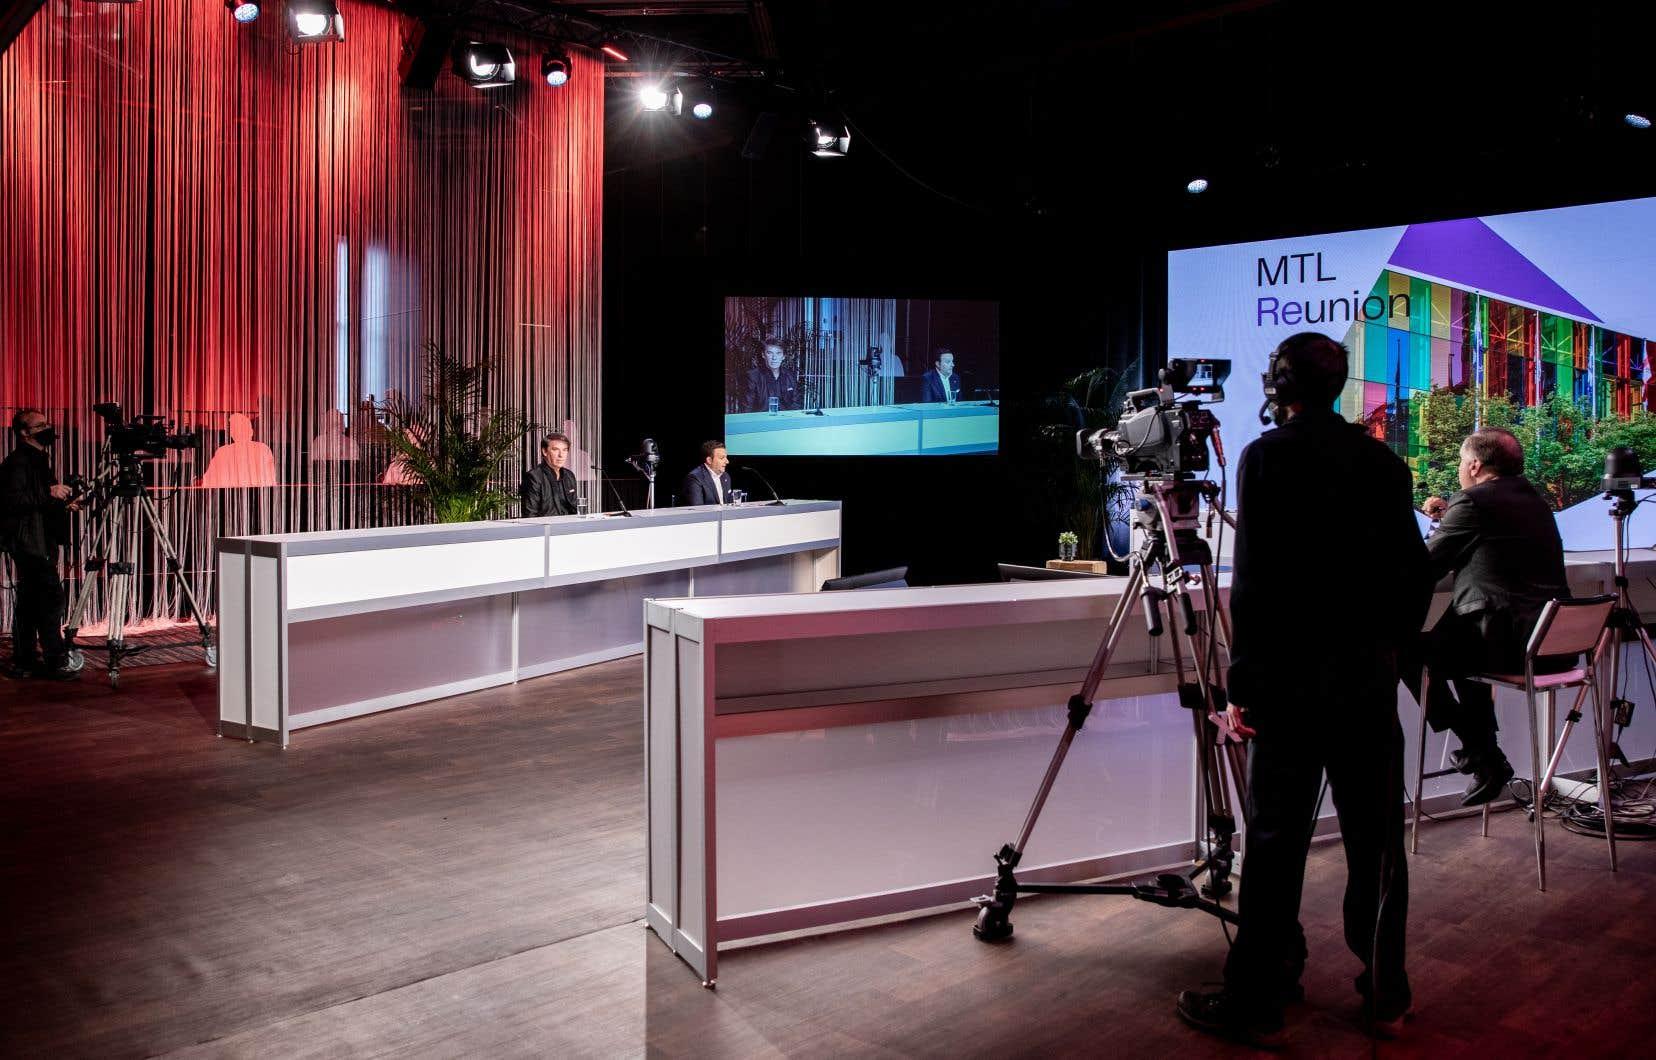 Pour ramener un contact humain, l'une des solutions trouvées par l'industrie a été d'aménager des studios de tournage où les animateurs et intervenants peuvent se réunir et interagir entre eux ainsi qu'avec les participants au congrès, comme ici lors de l'événement MTL Reunion, organisé par le Palais des congès de Montréal en octobre dernier.